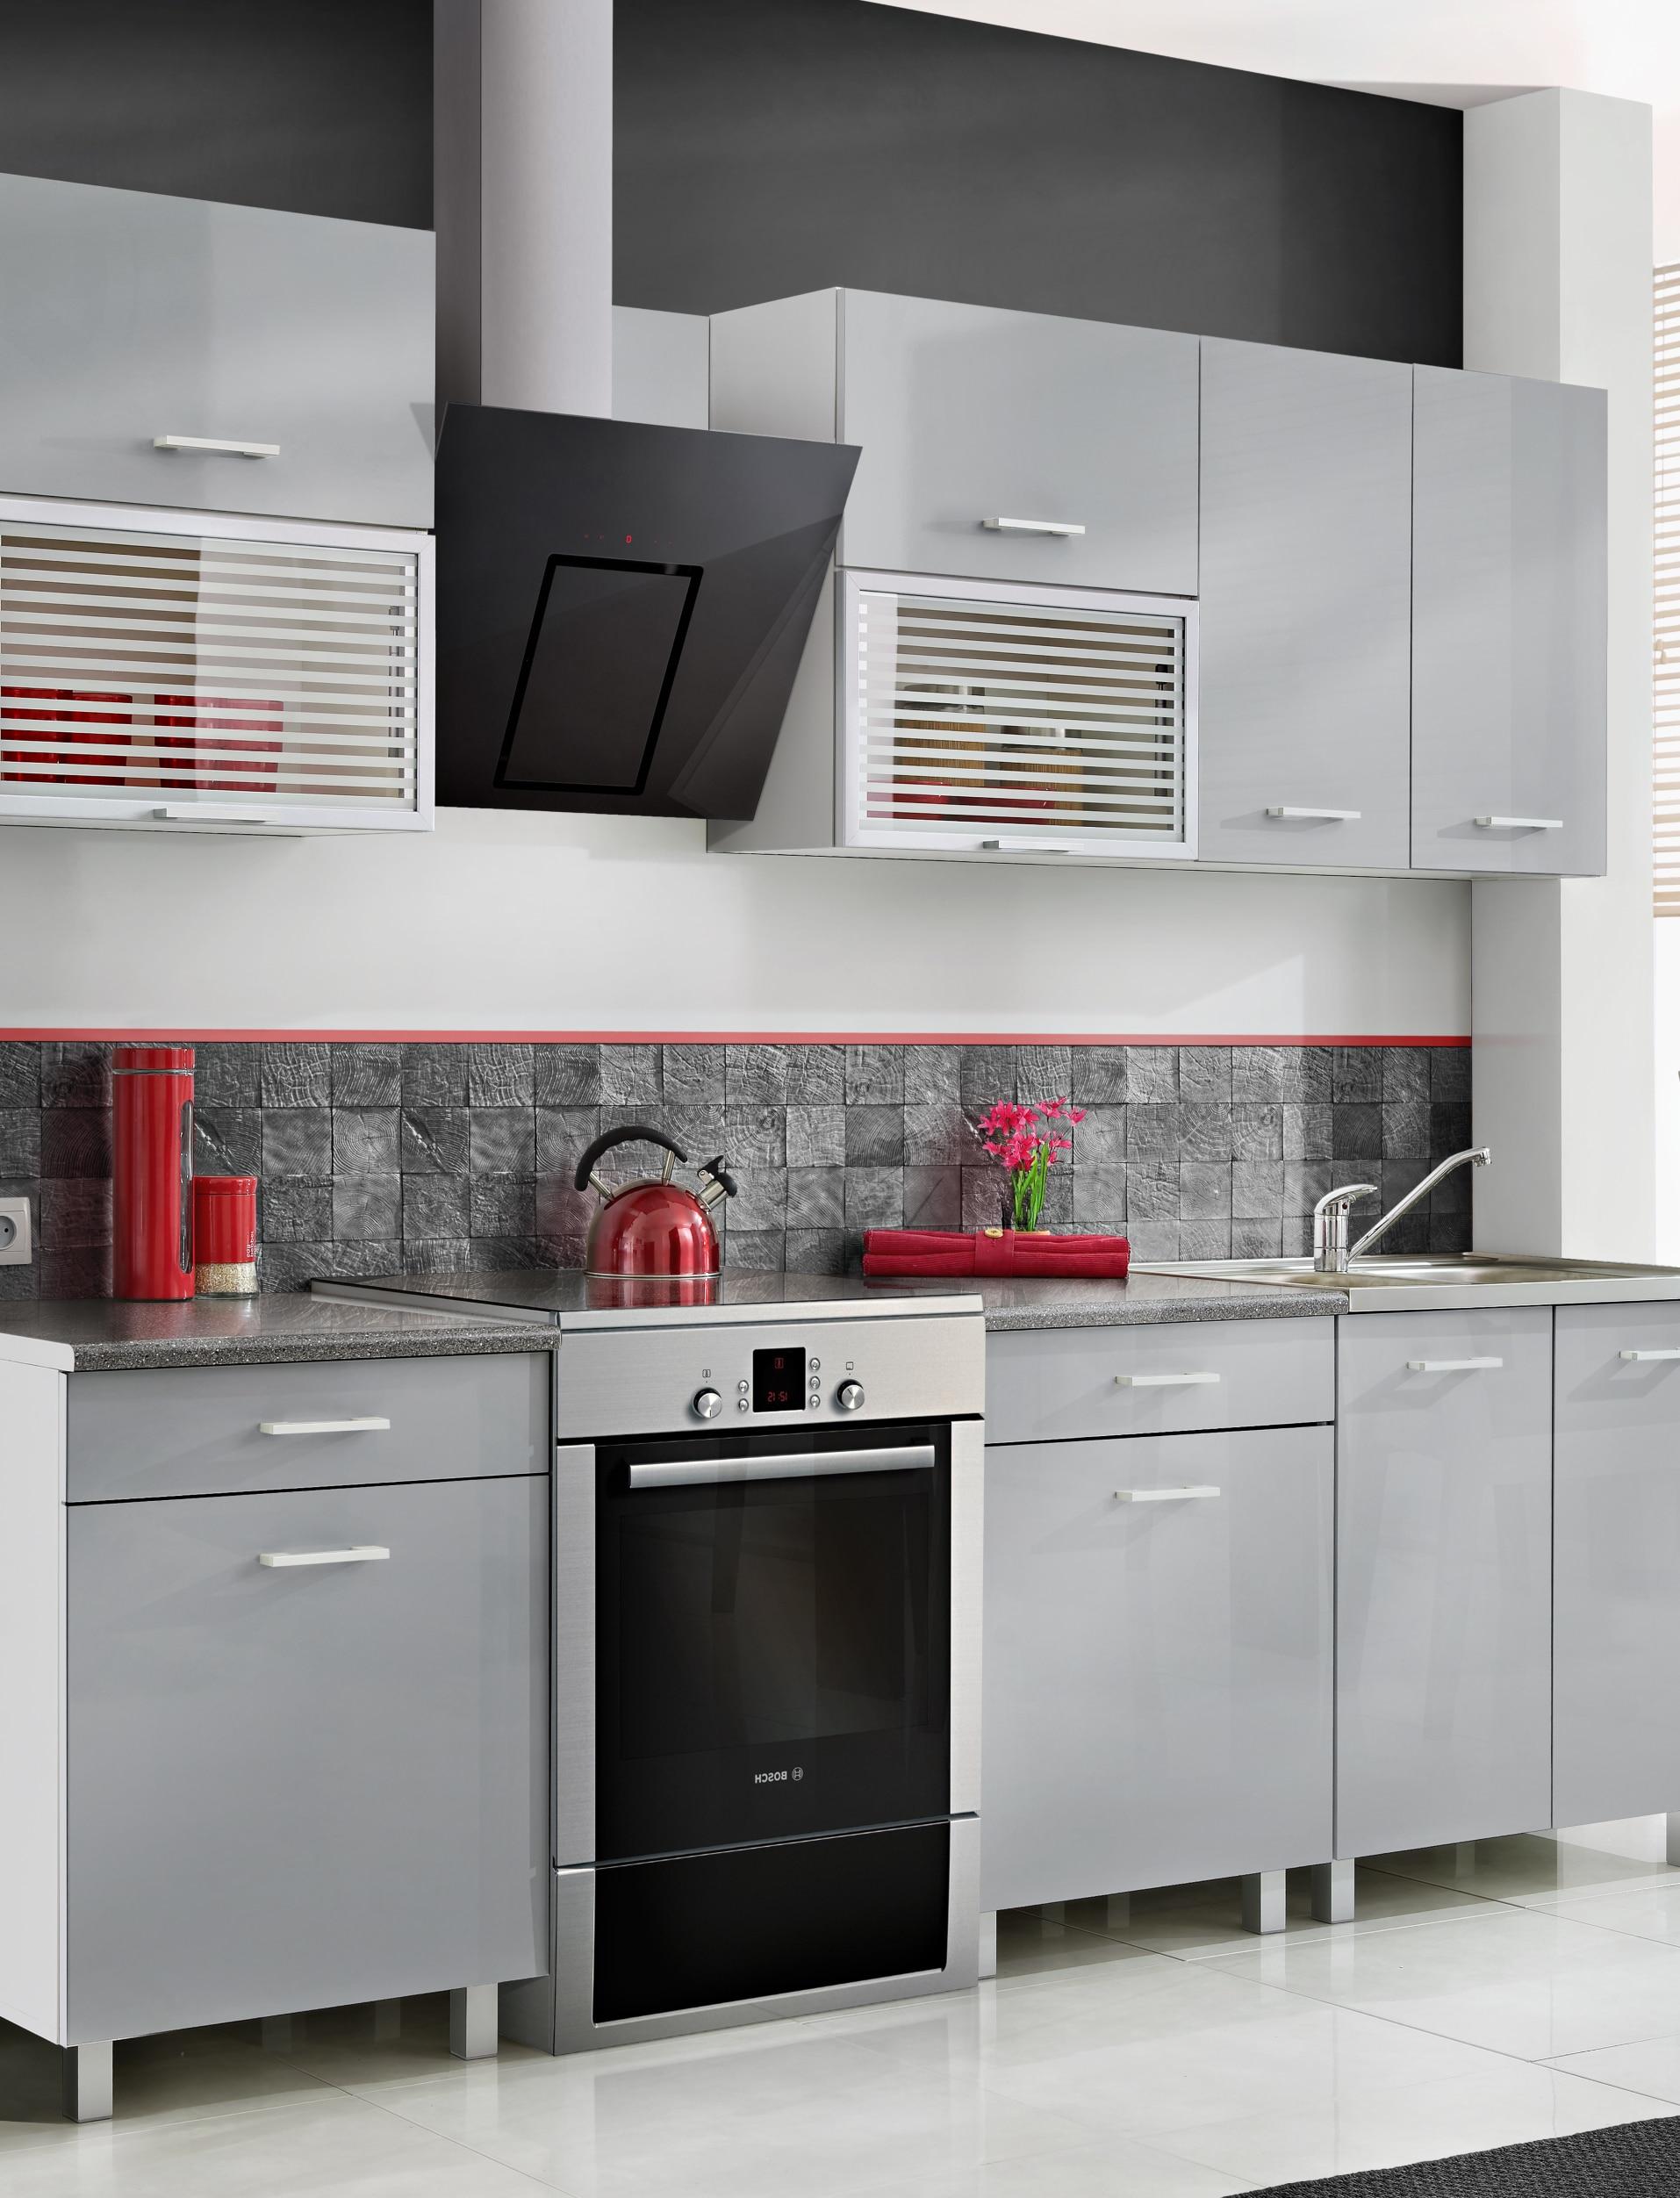 Jak tanio wyposażyć kuchnię funkcjonalnie i estetycznie  porady Leroy Merlin -> Kuchnie Inspiracje Leroy Merlin